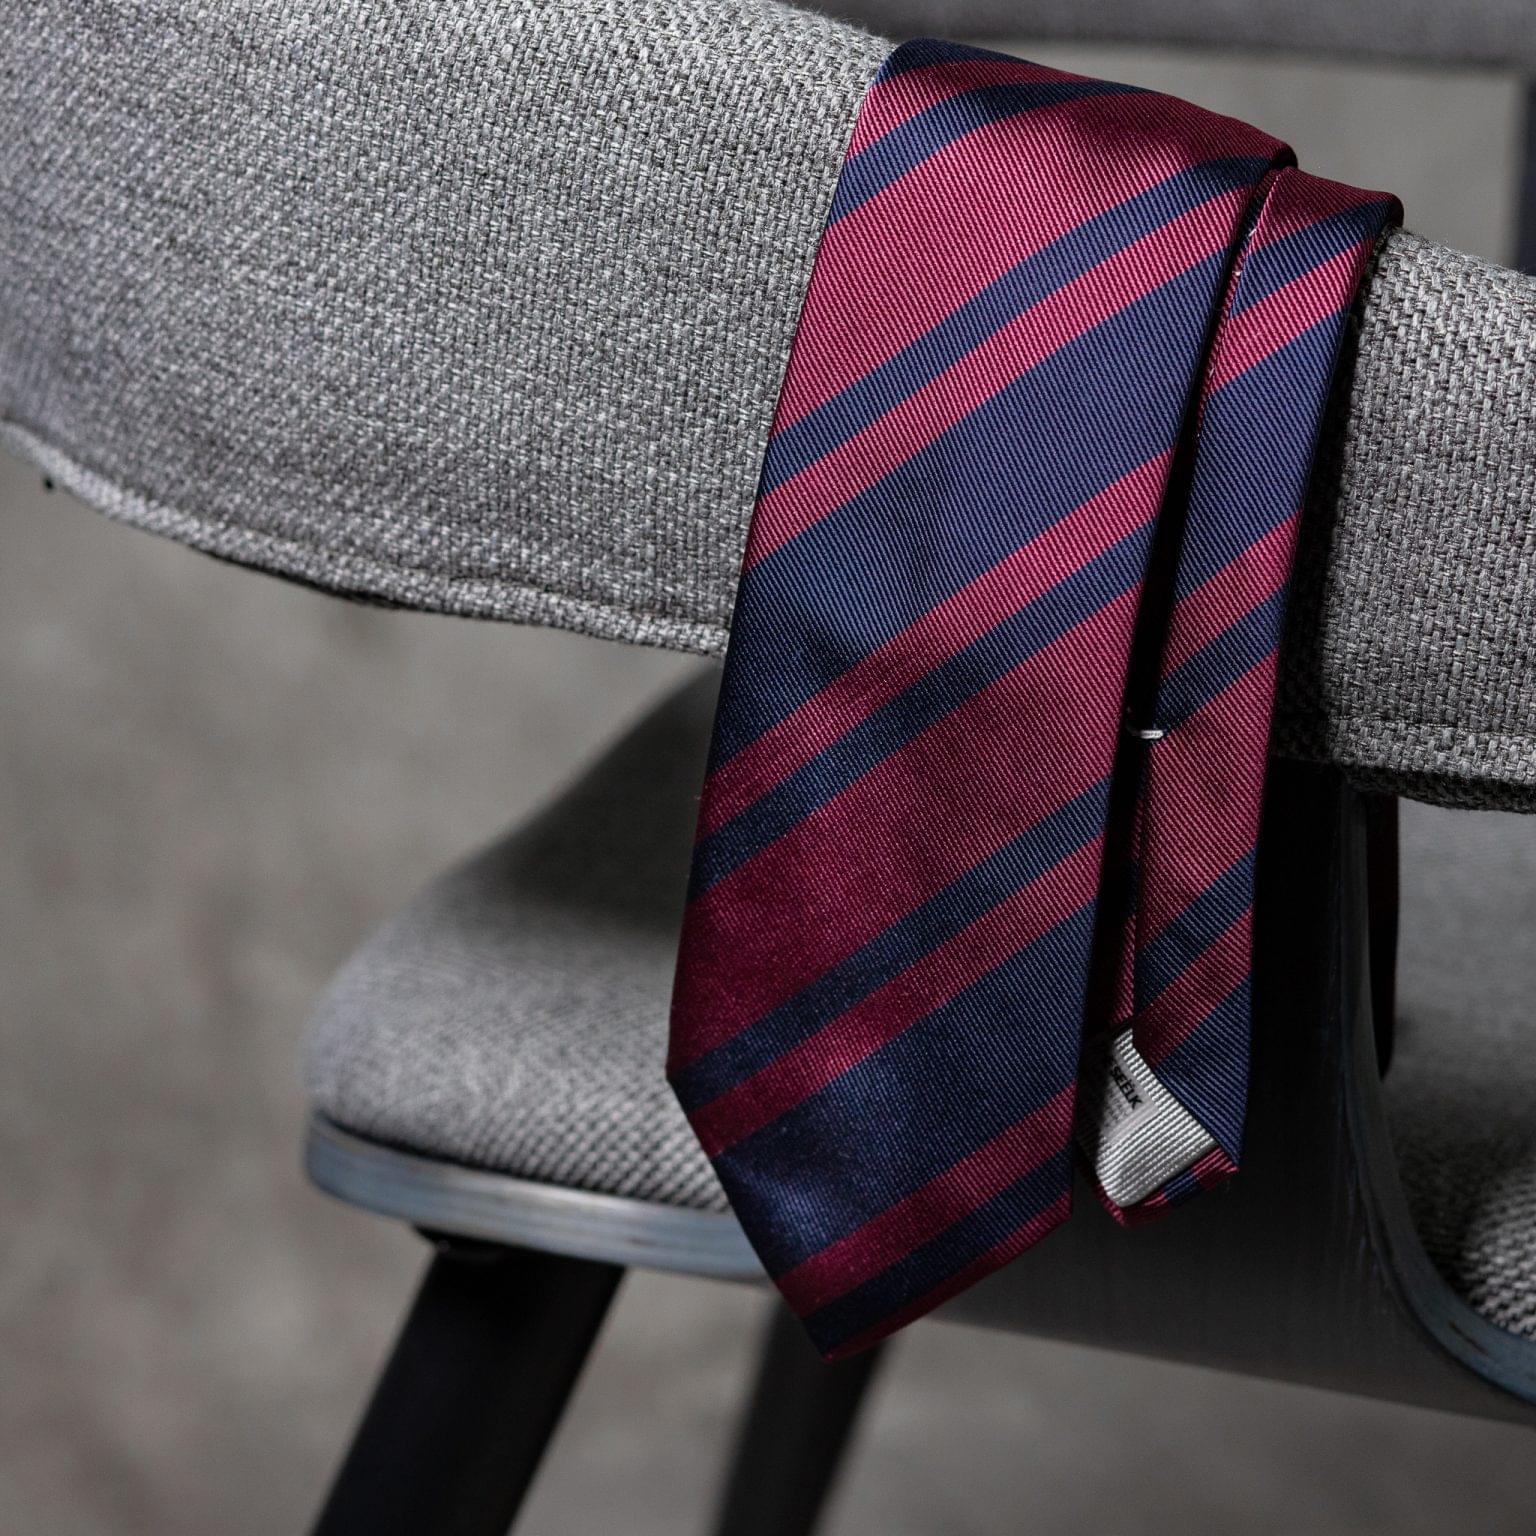 JACQUARD-0387-Tie-Initials-Corbata-Iniciales-The-Seelk-2